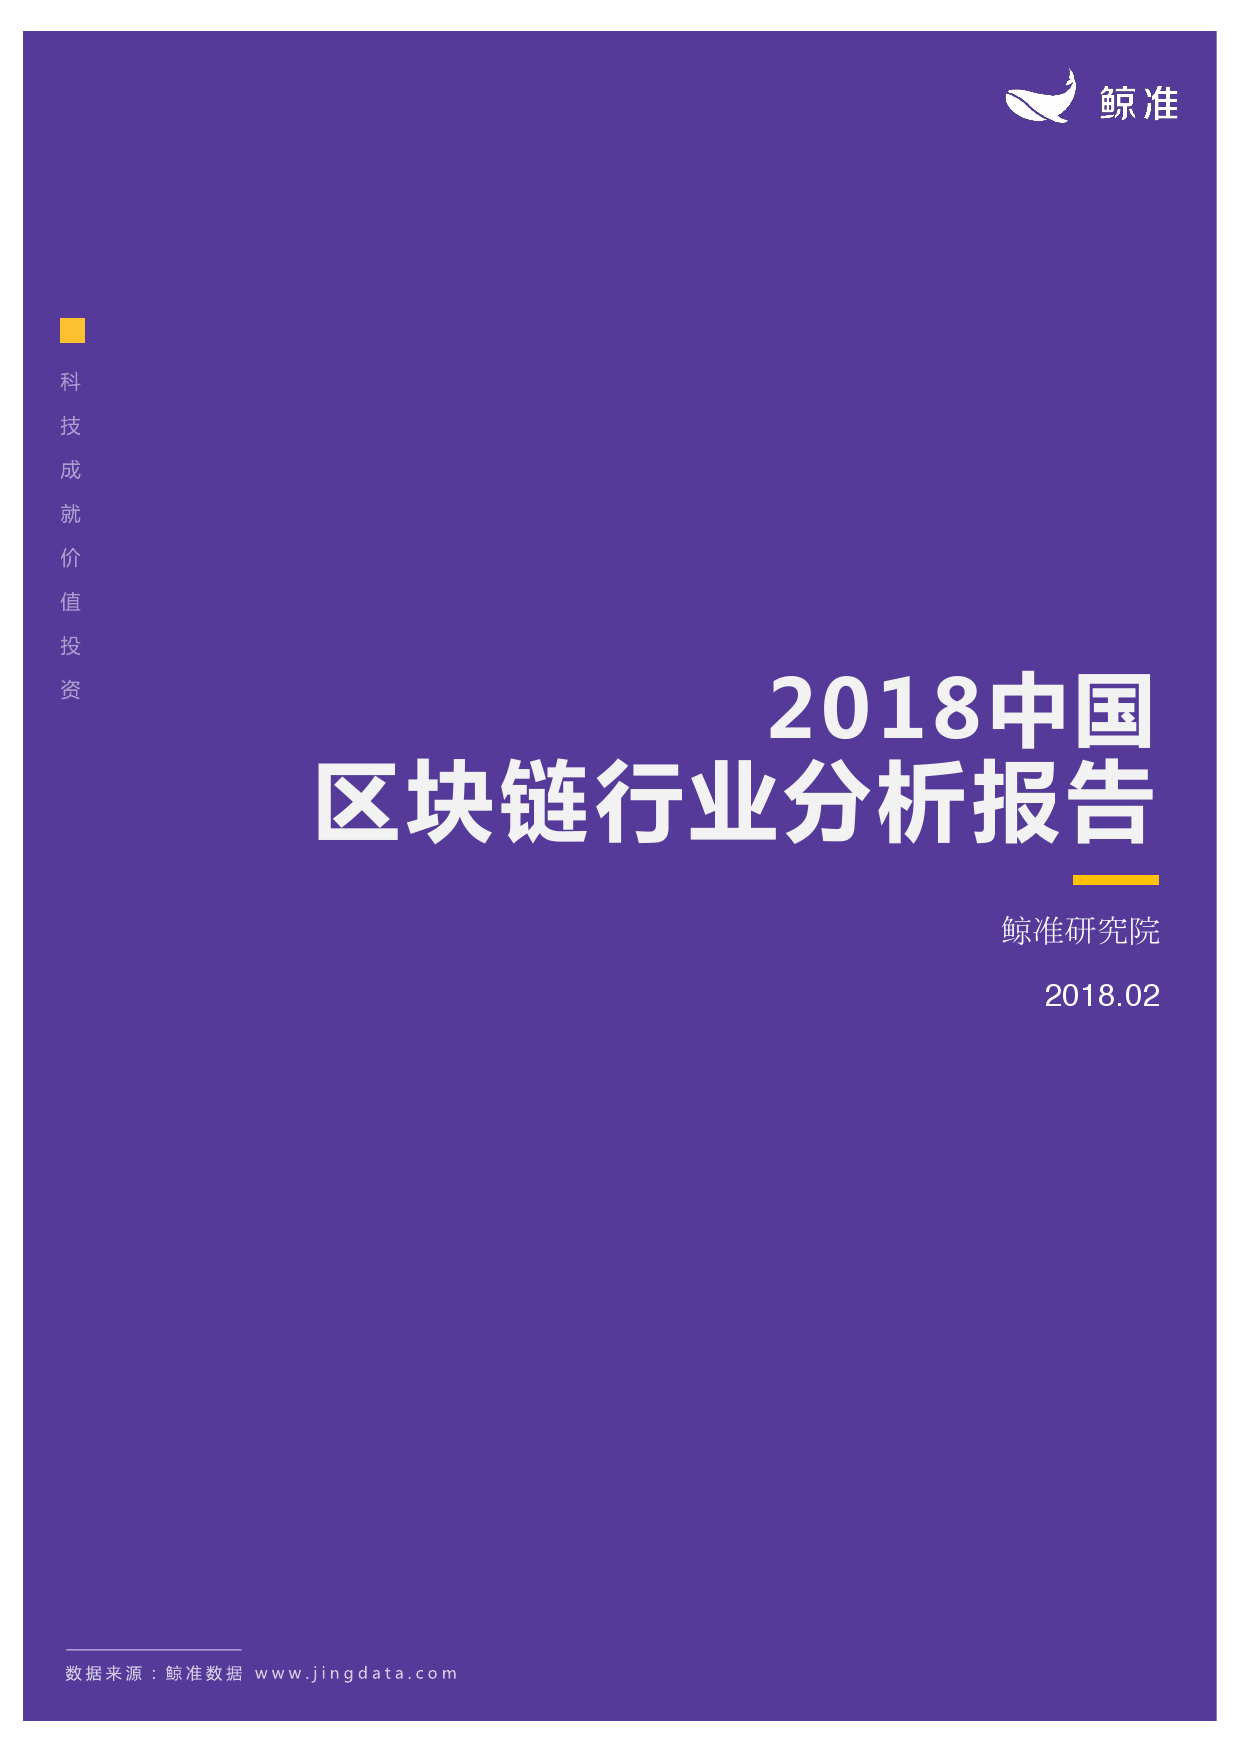 鲸准:2018中国区块链行业分析报告(附下载)